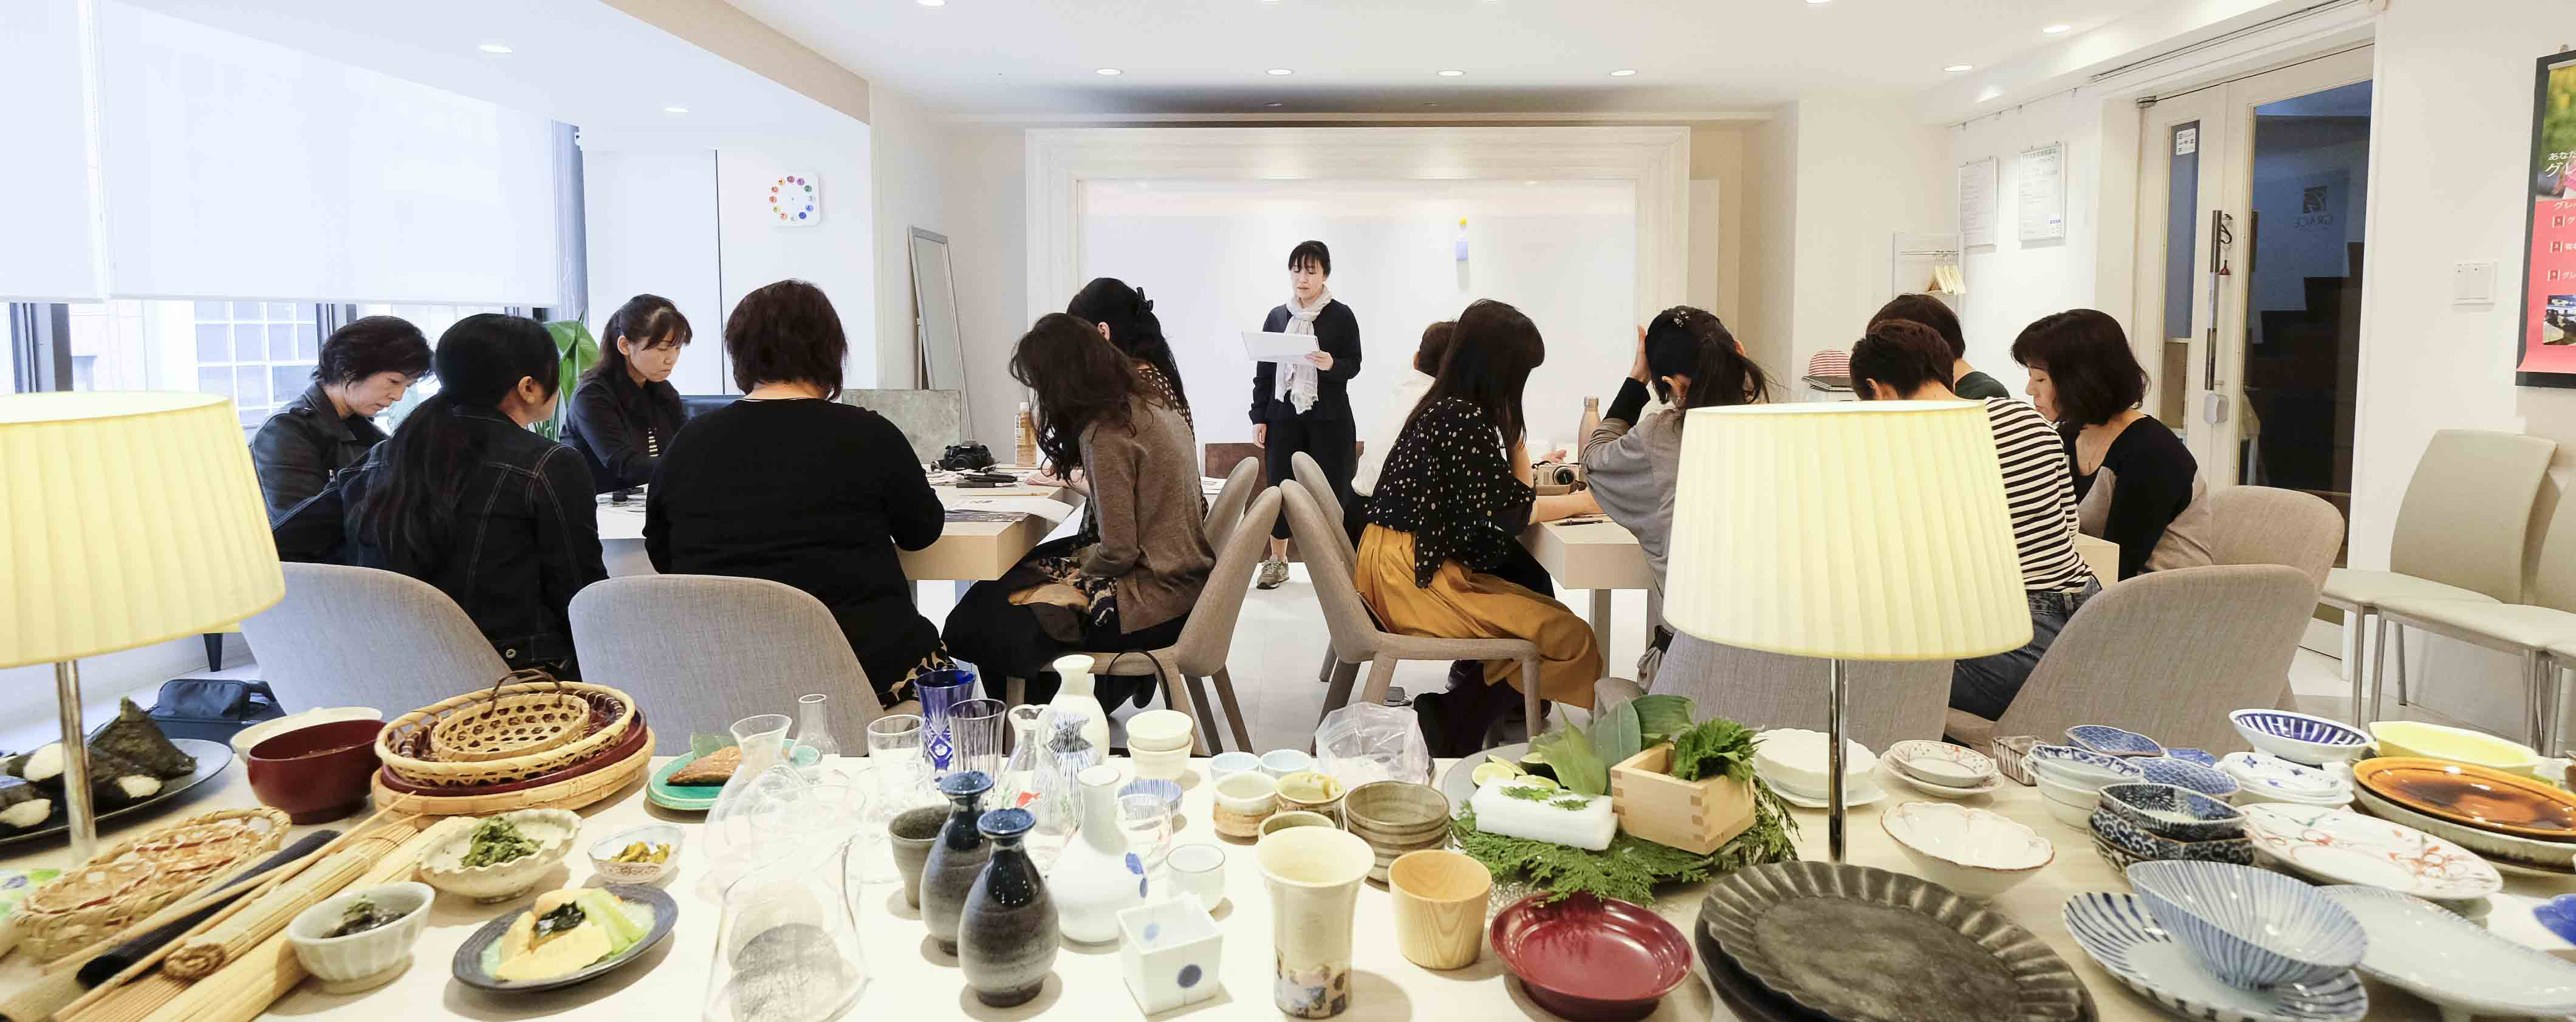 大阪で開催したスタイリング教室